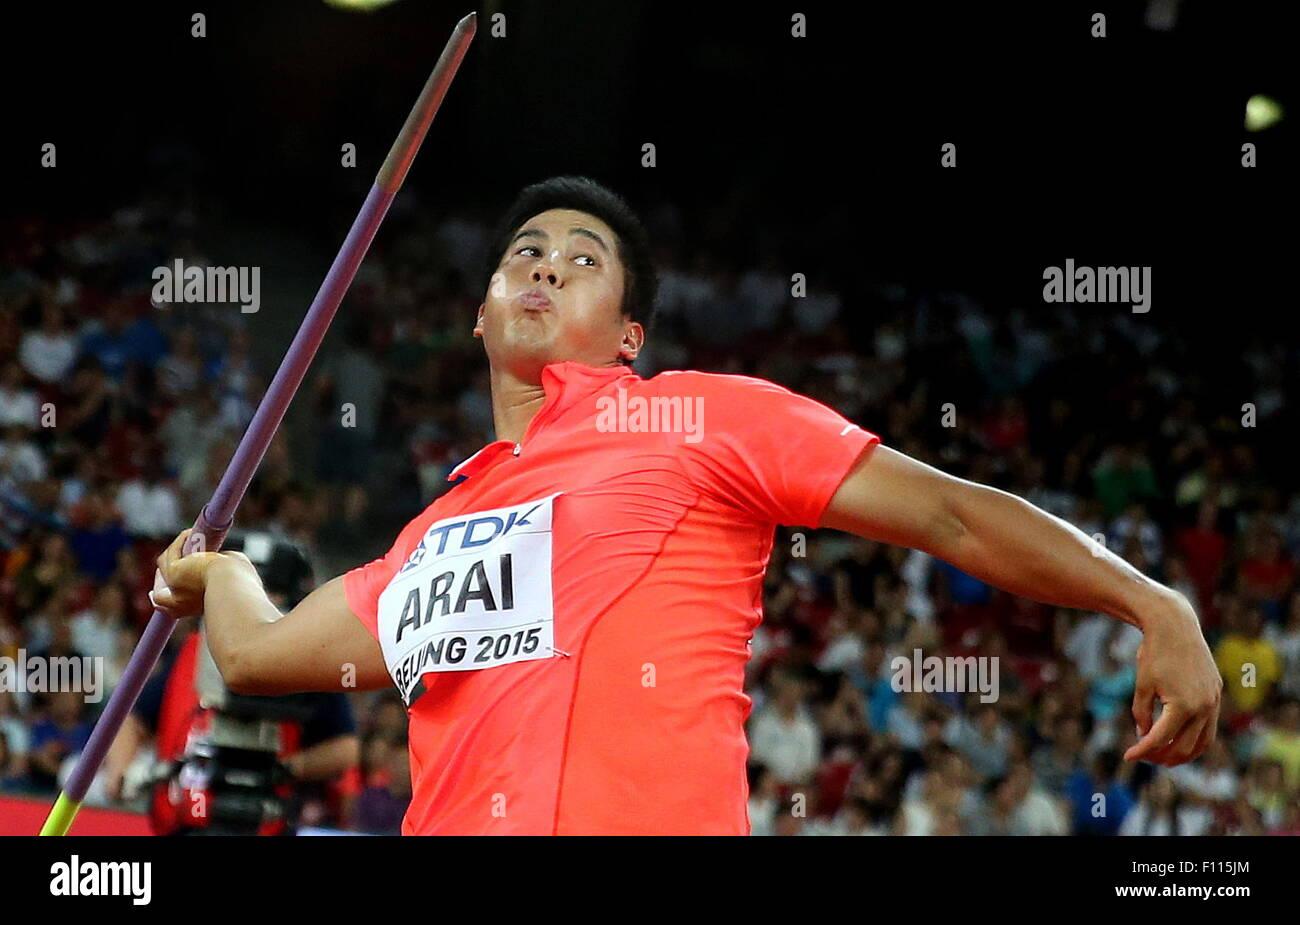 Beijing, China. 24 Aug, 2015. Japón Ryohei Arai compite en los hombres de la jabalina lanzar la ronda de calificación Imagen De Stock